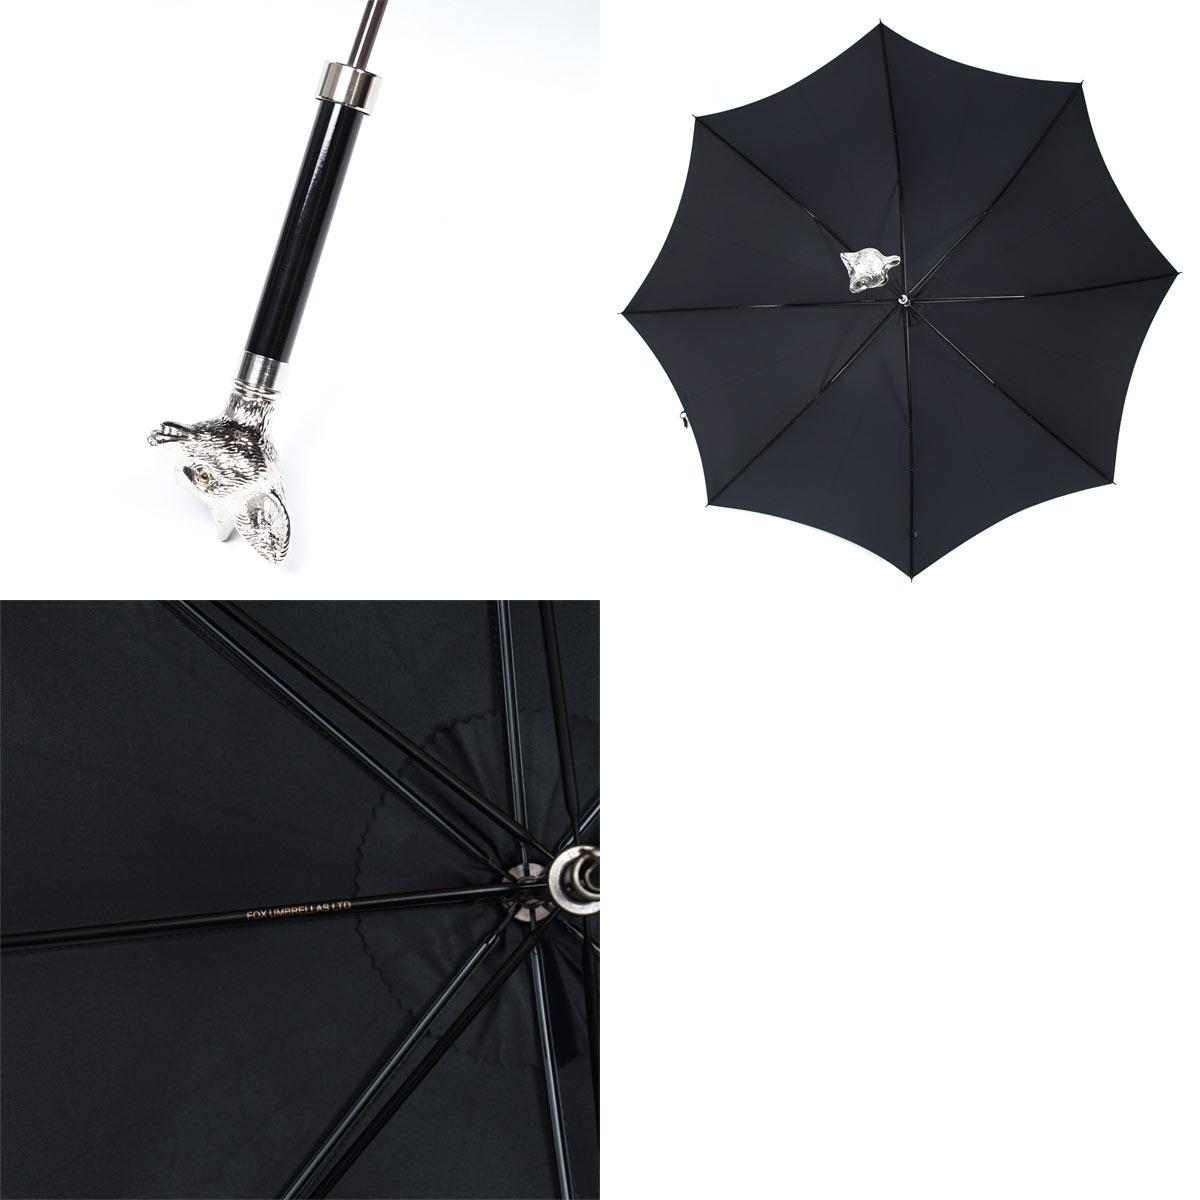 【タイムセール ACCS】FOX UMBRELLAS フォックスアンブレラズ 傘/GT29 Nickel Finish Animal Head Handle Umbrella メンズ